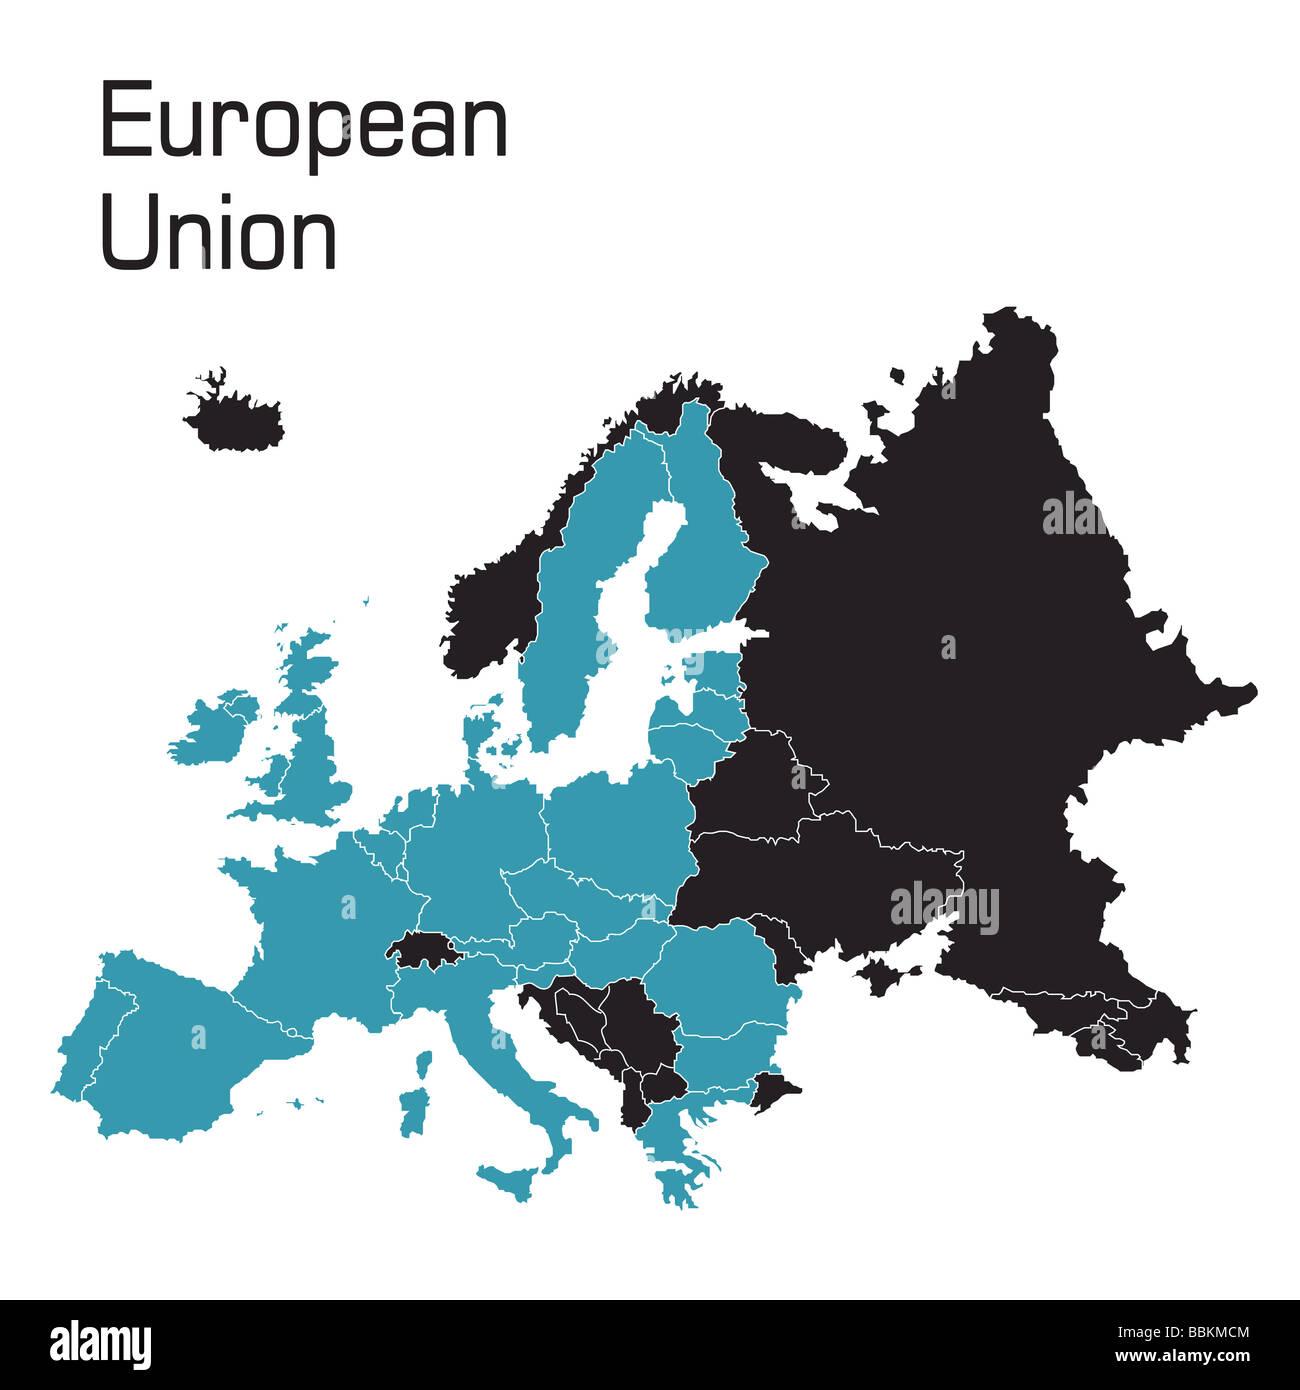 European Union Map Stock Photos & European Union Map Stock Images ...